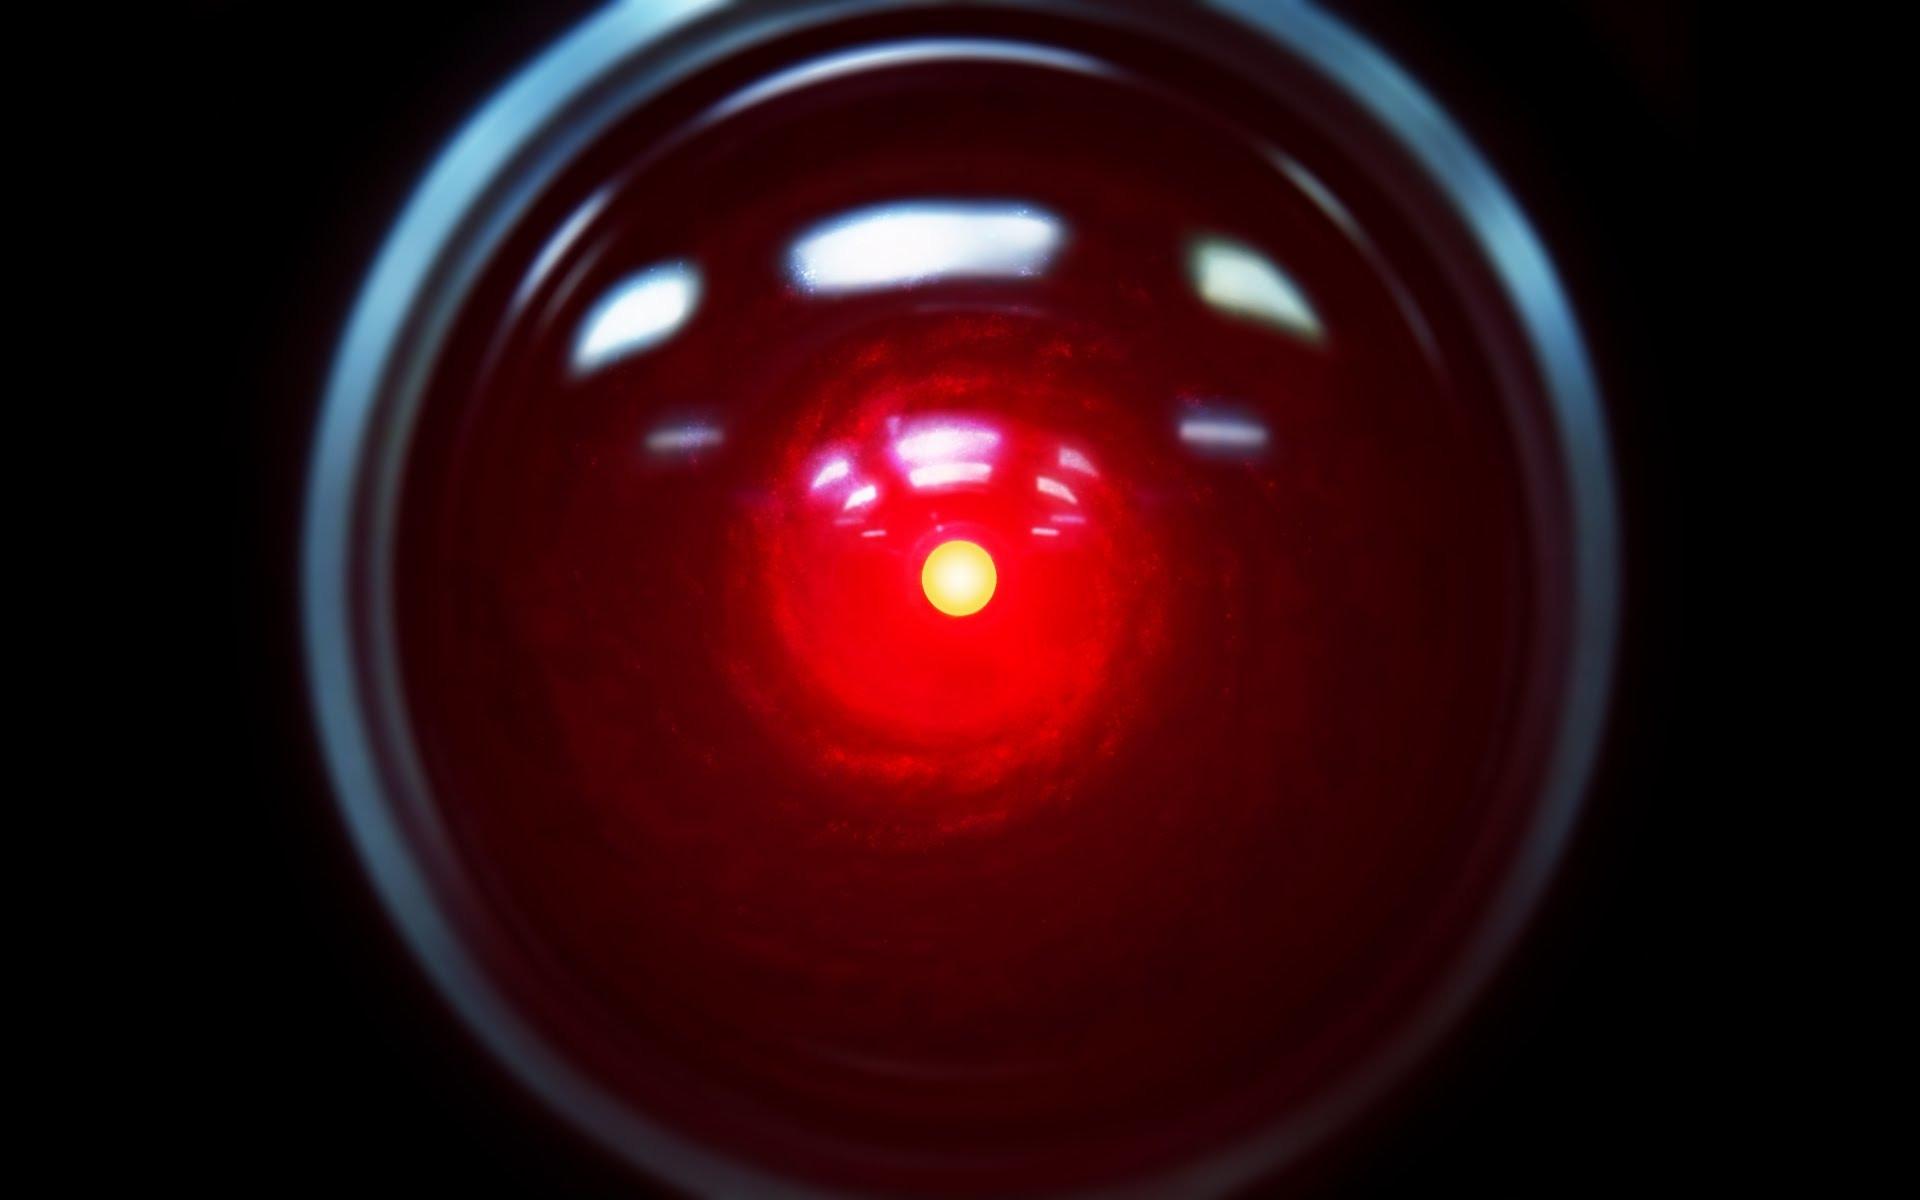 Missing-Link-Science-Fiction-und-KI-der-ewige-Kampf-zwischen-Mensch-und-Maschine